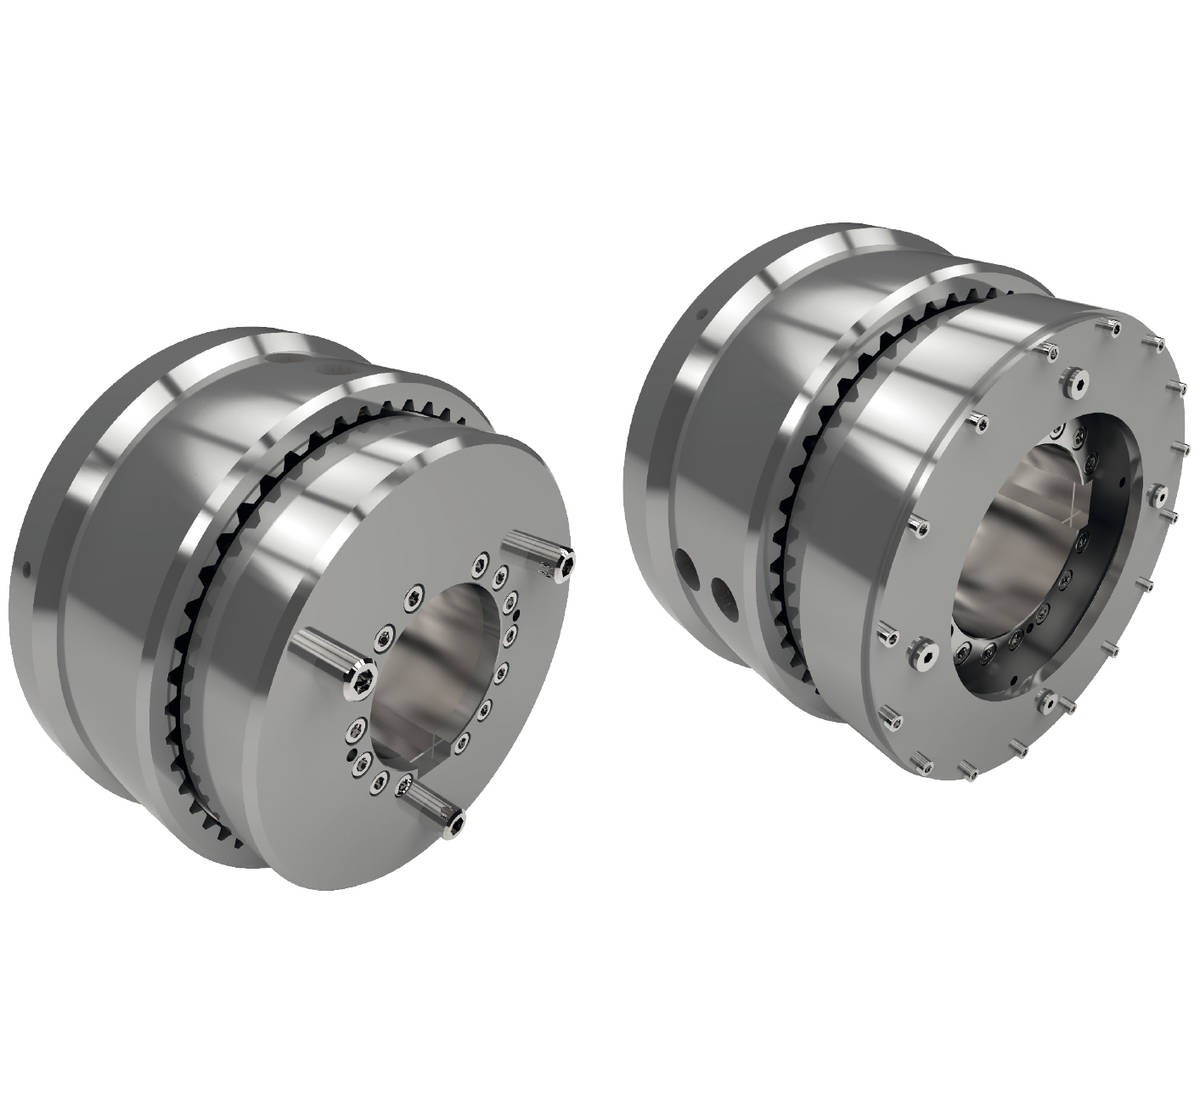 Desch Lutex® HK series  Wet-running Multi-disc Clutches Image